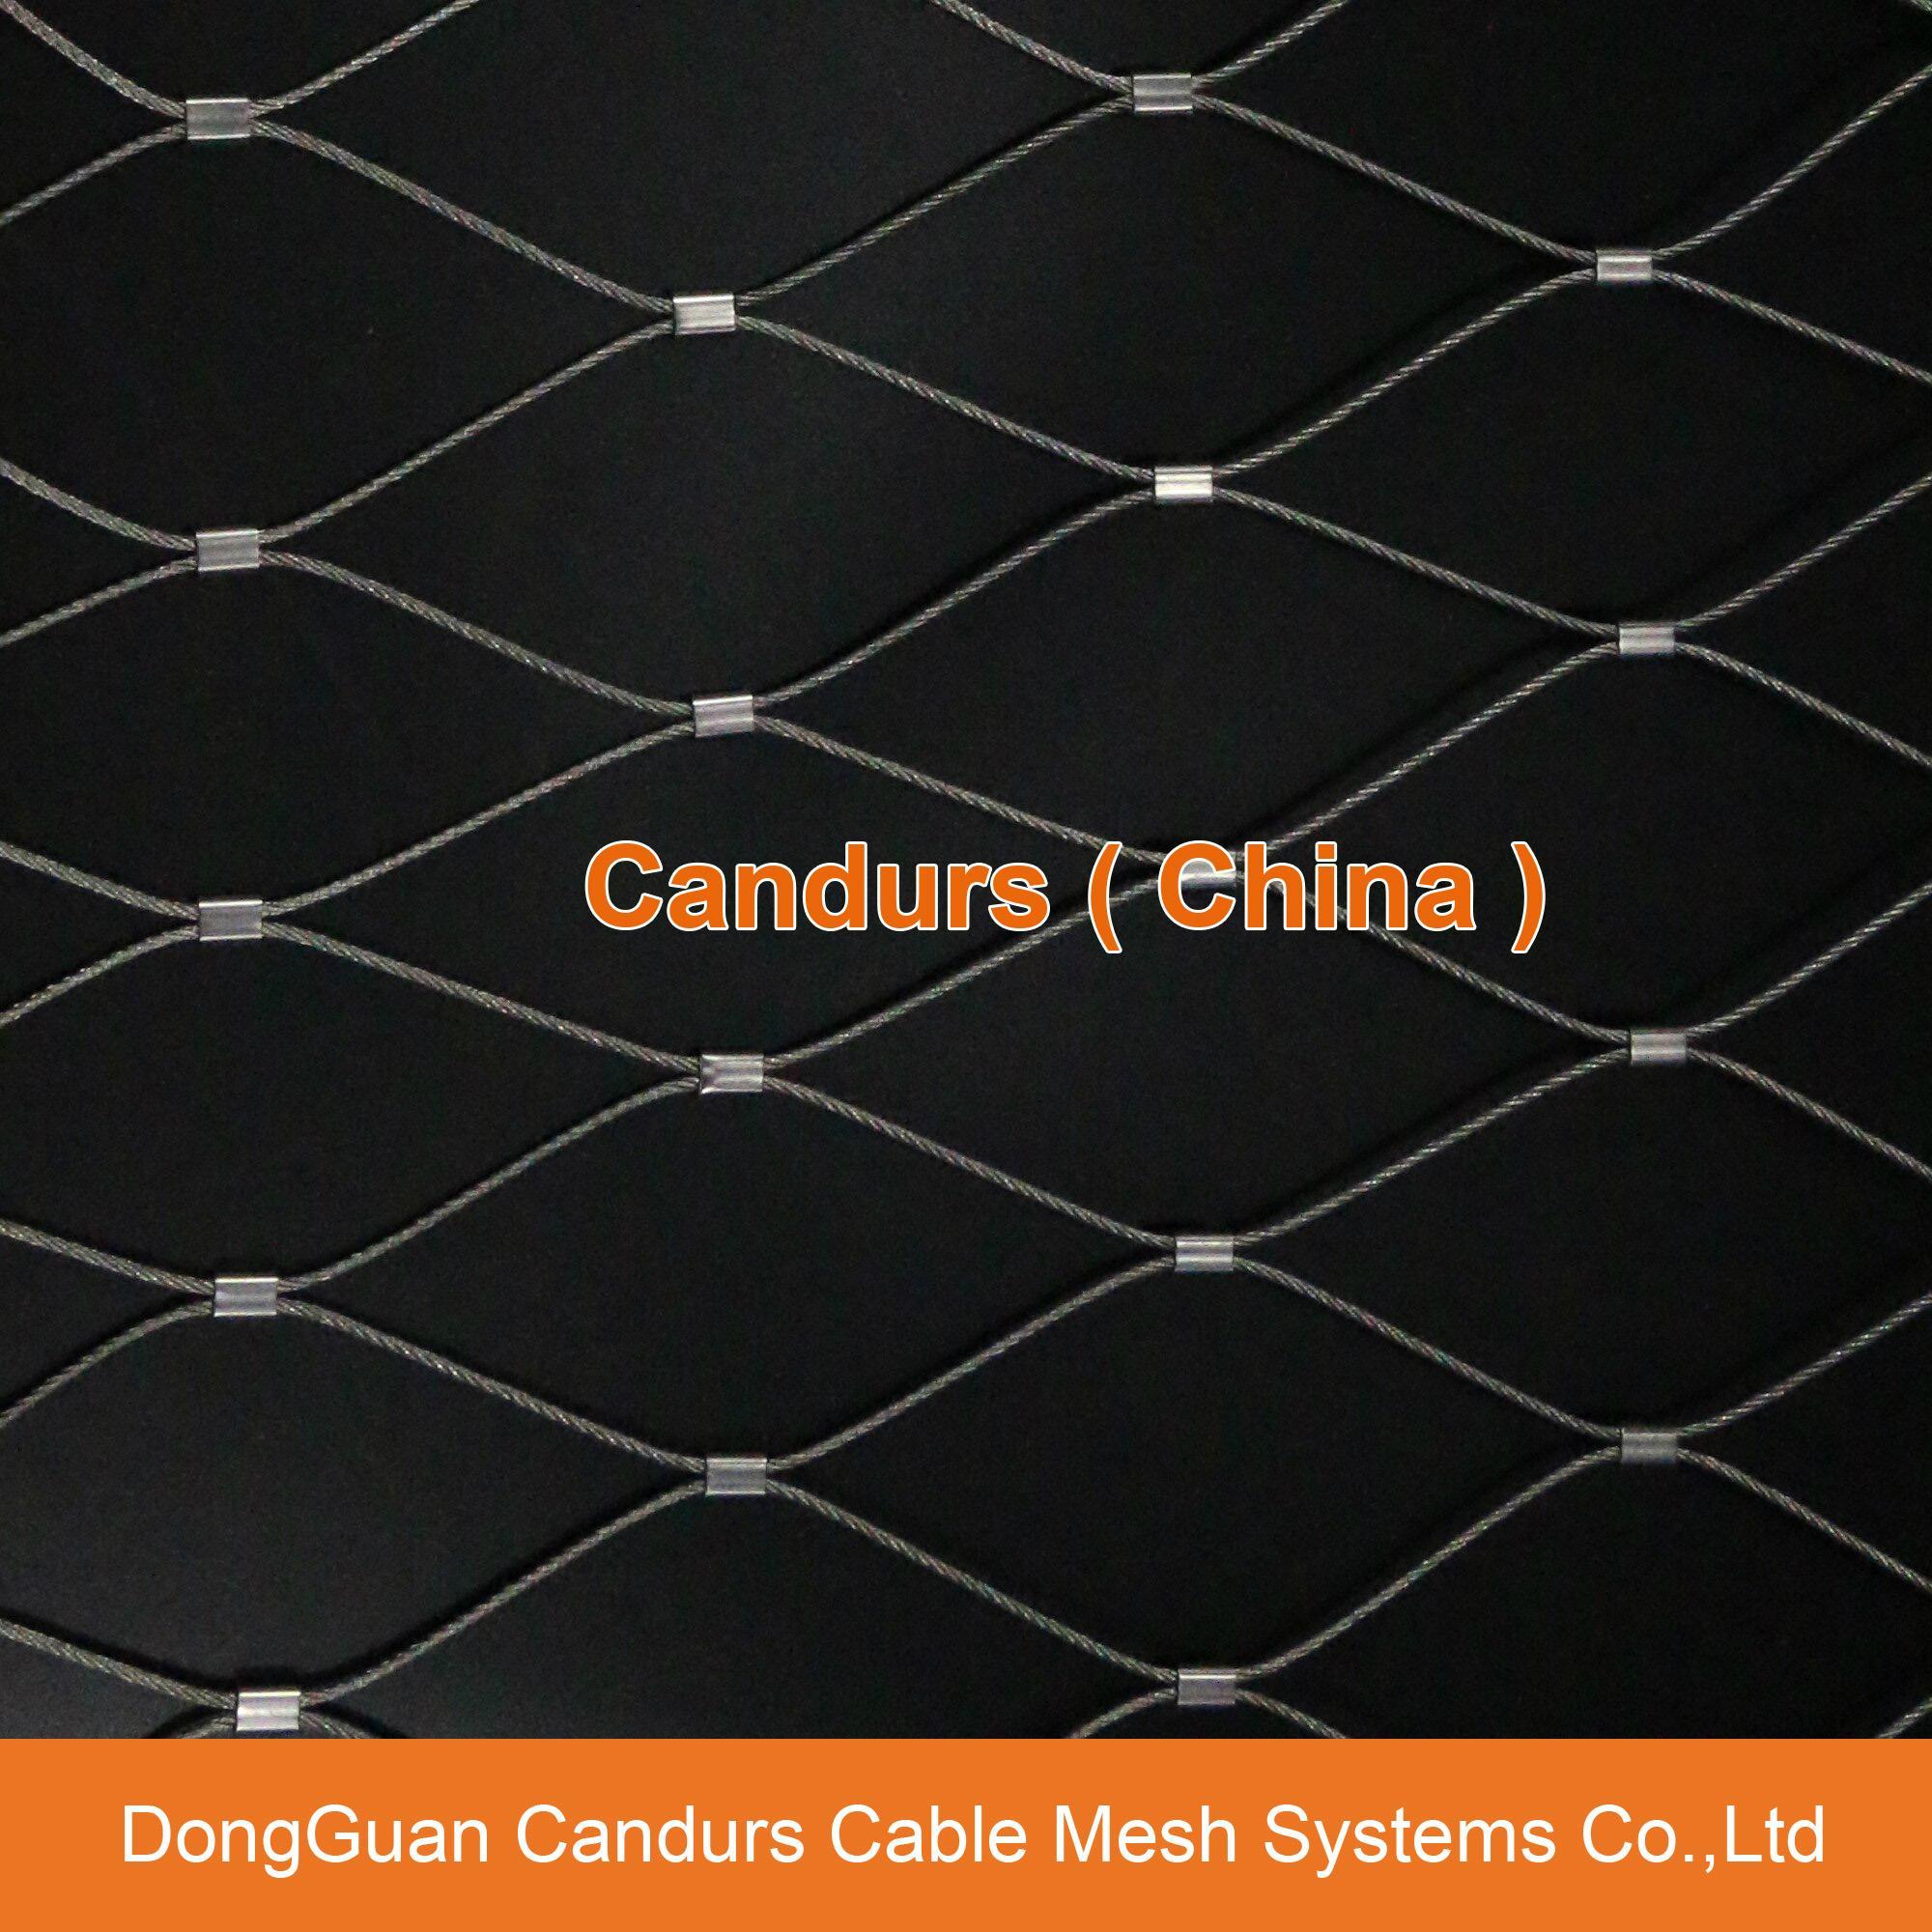 昌达不锈钢丝绳网——美标316不锈钢绳网 17